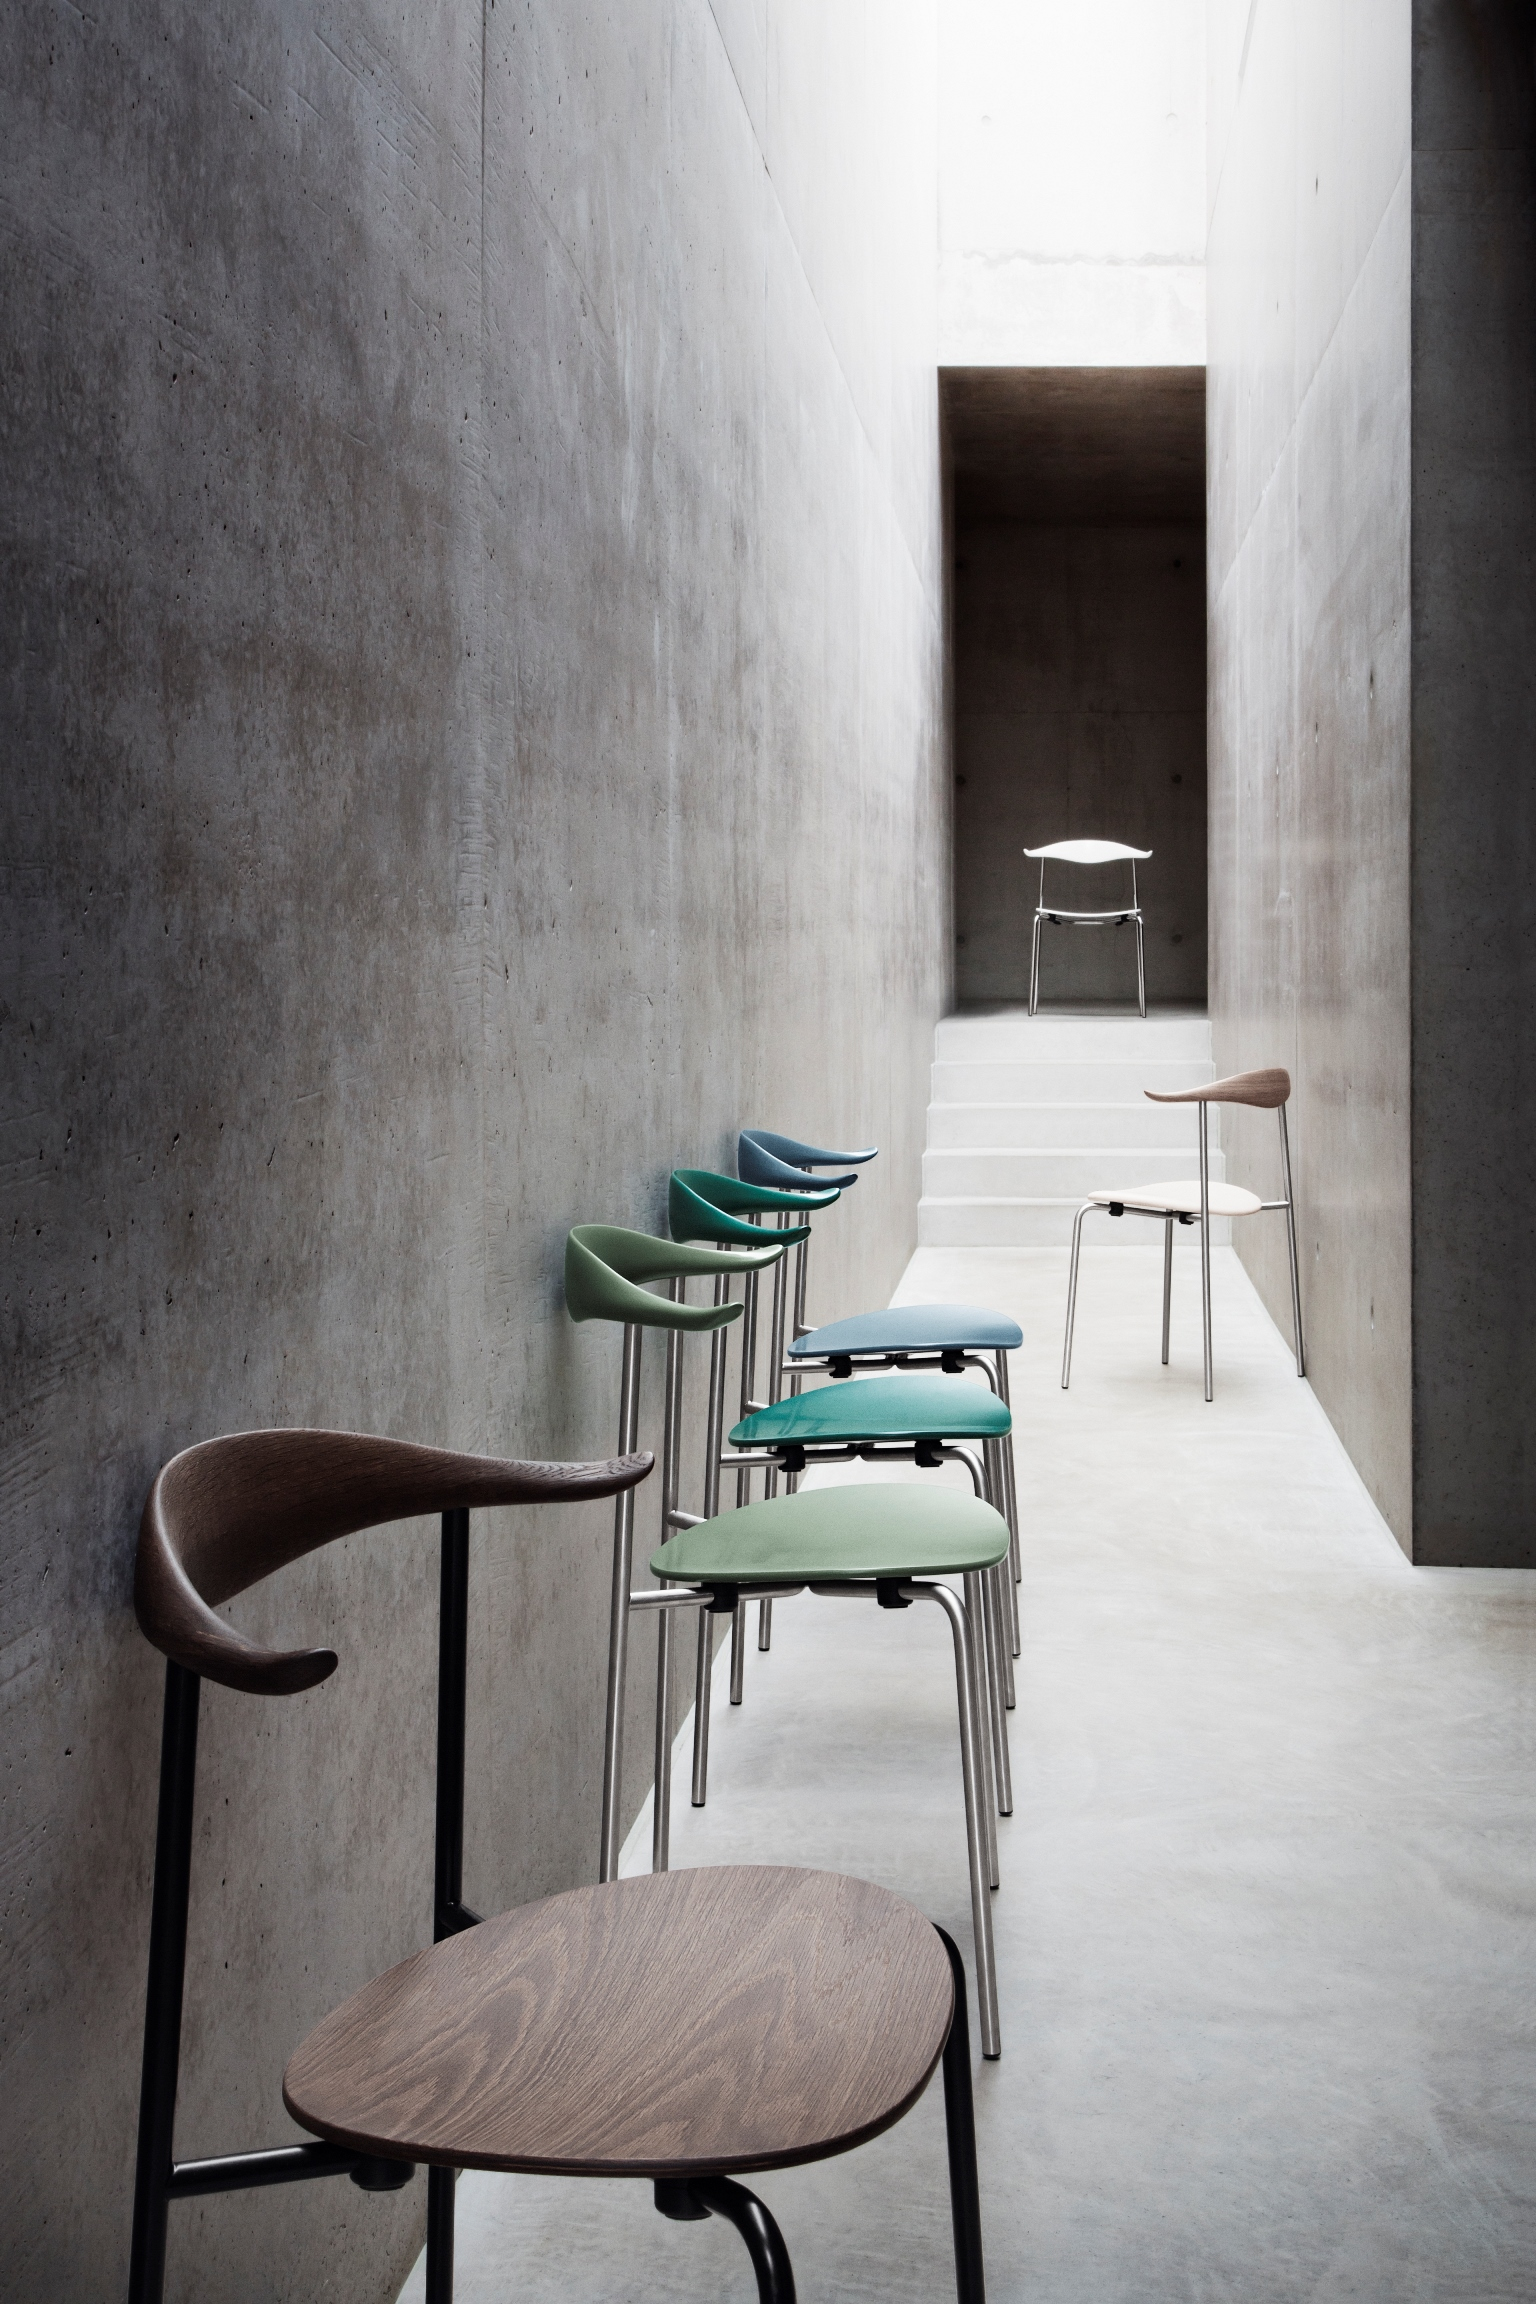 Carl hansen s n chaise ch88t assise bois hans wegner for Scandic design